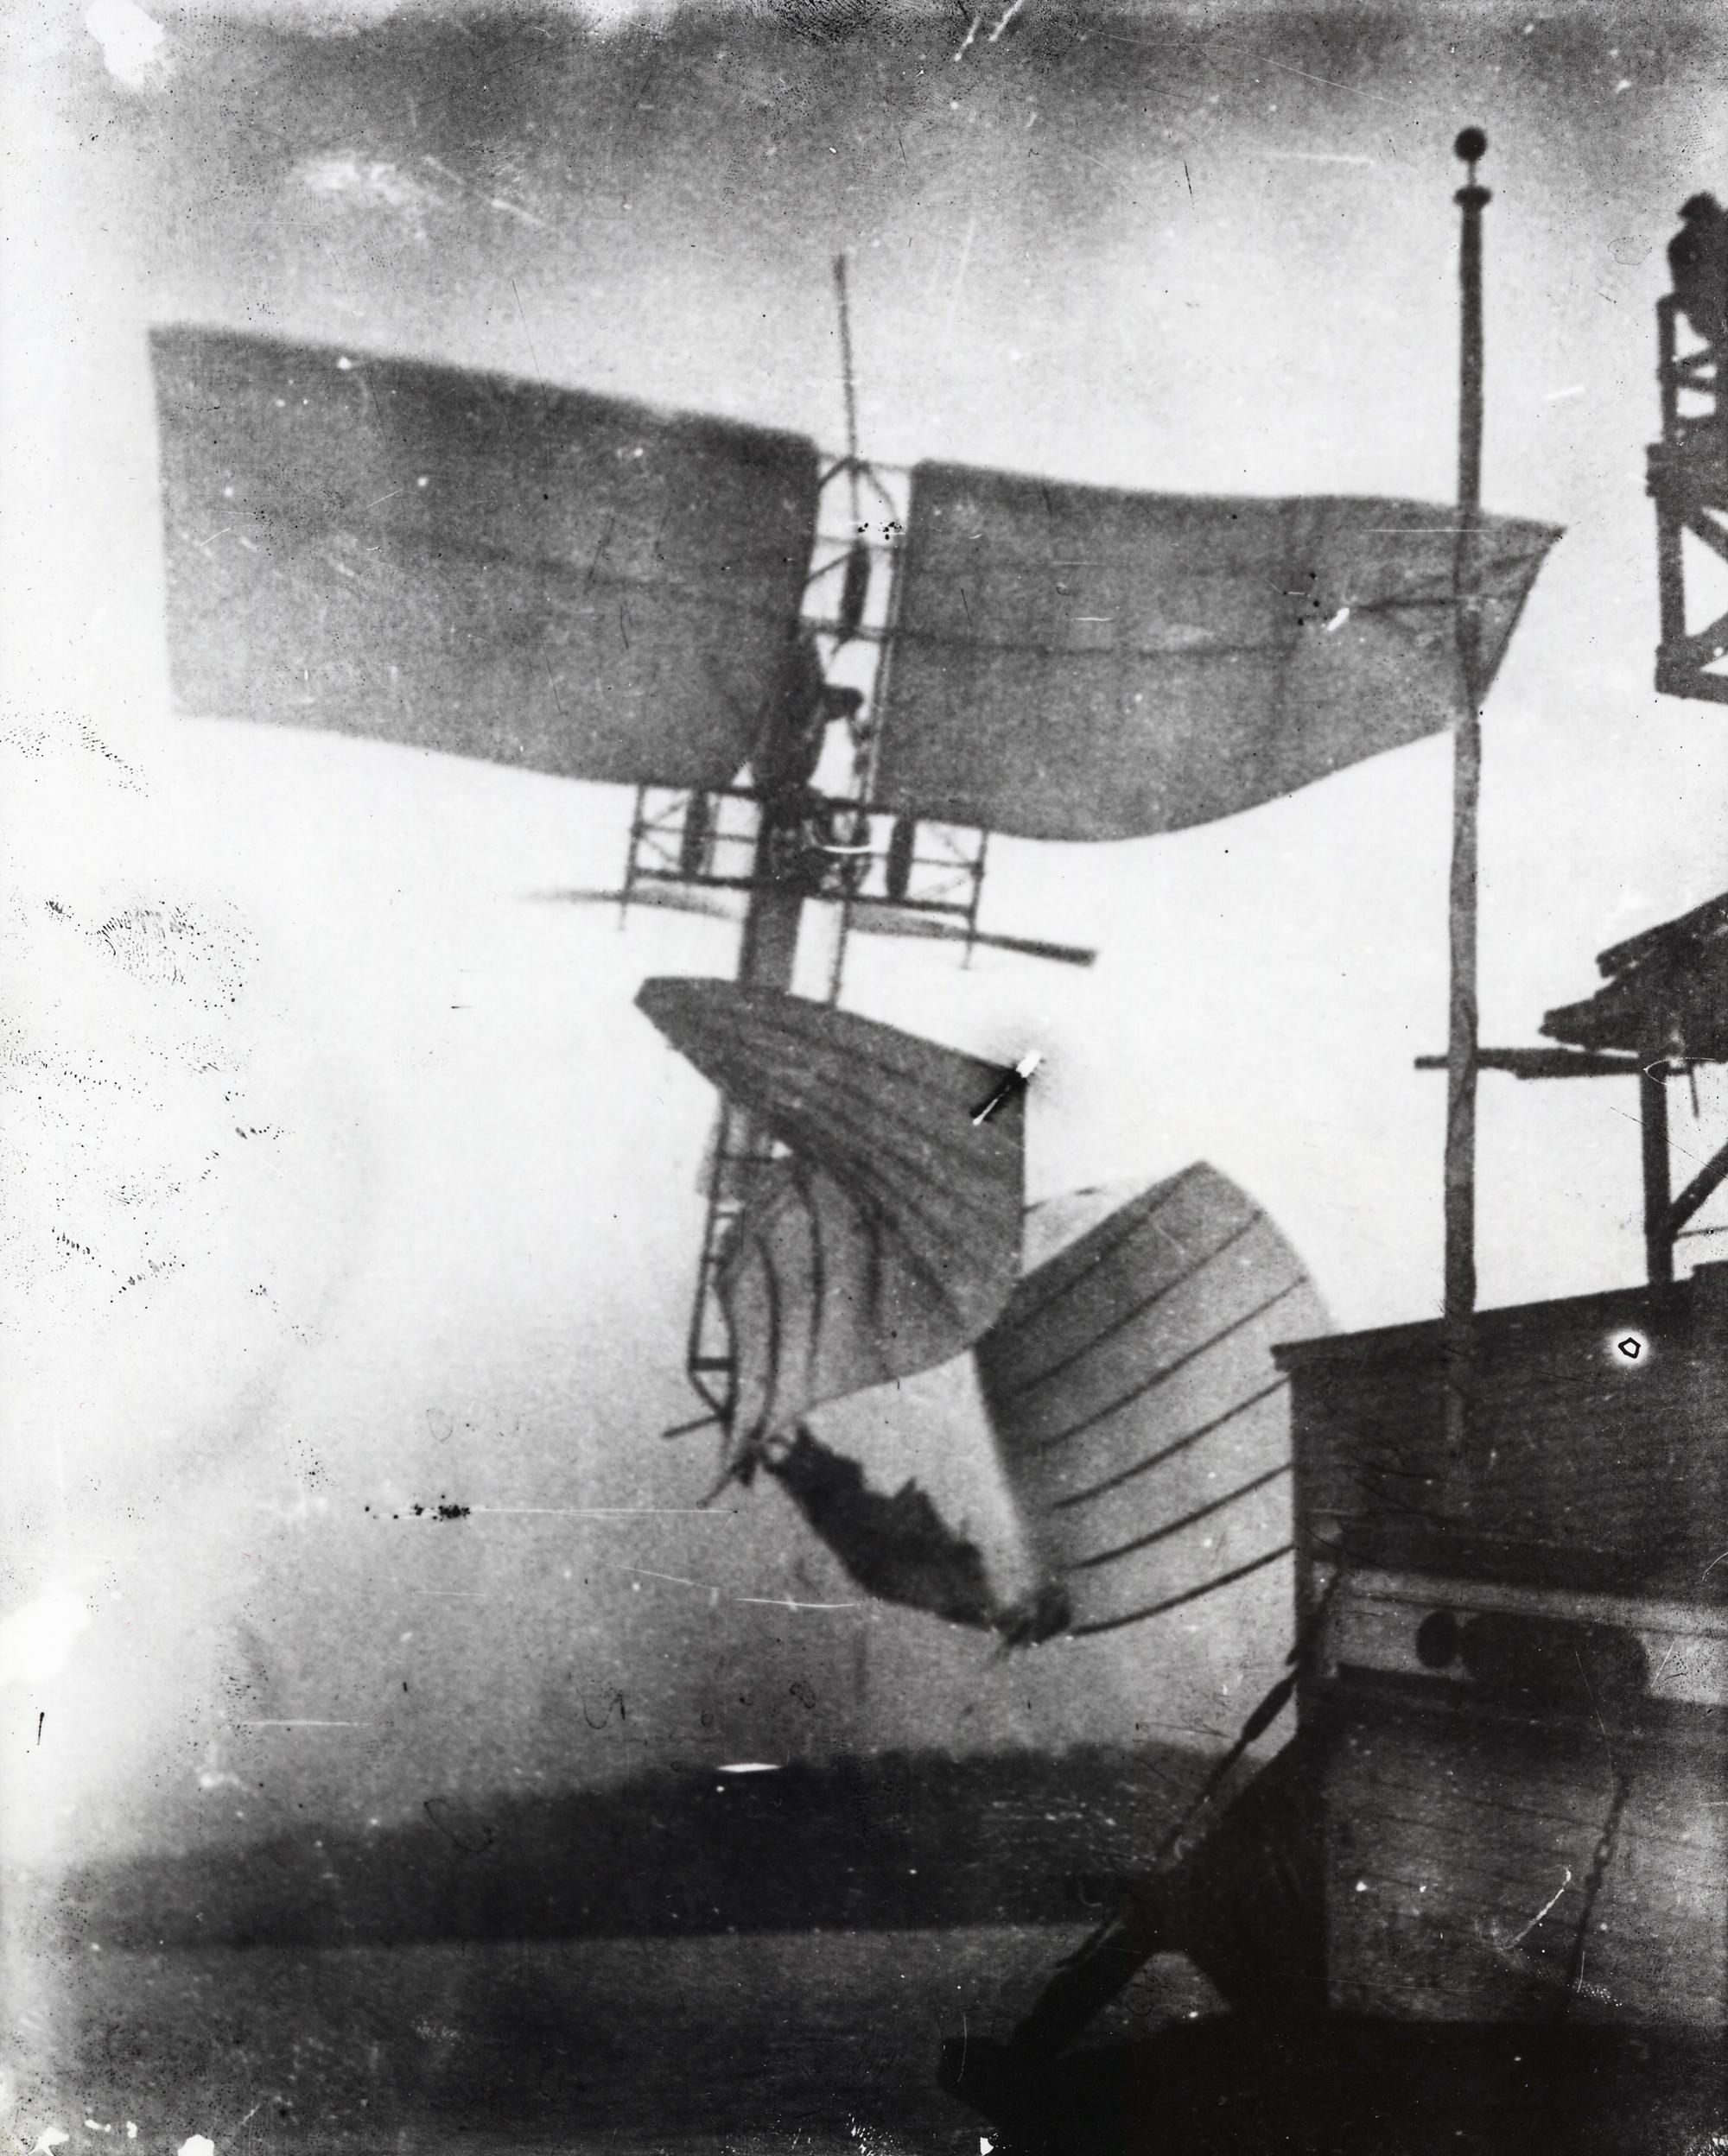 Langley's Aerodrome